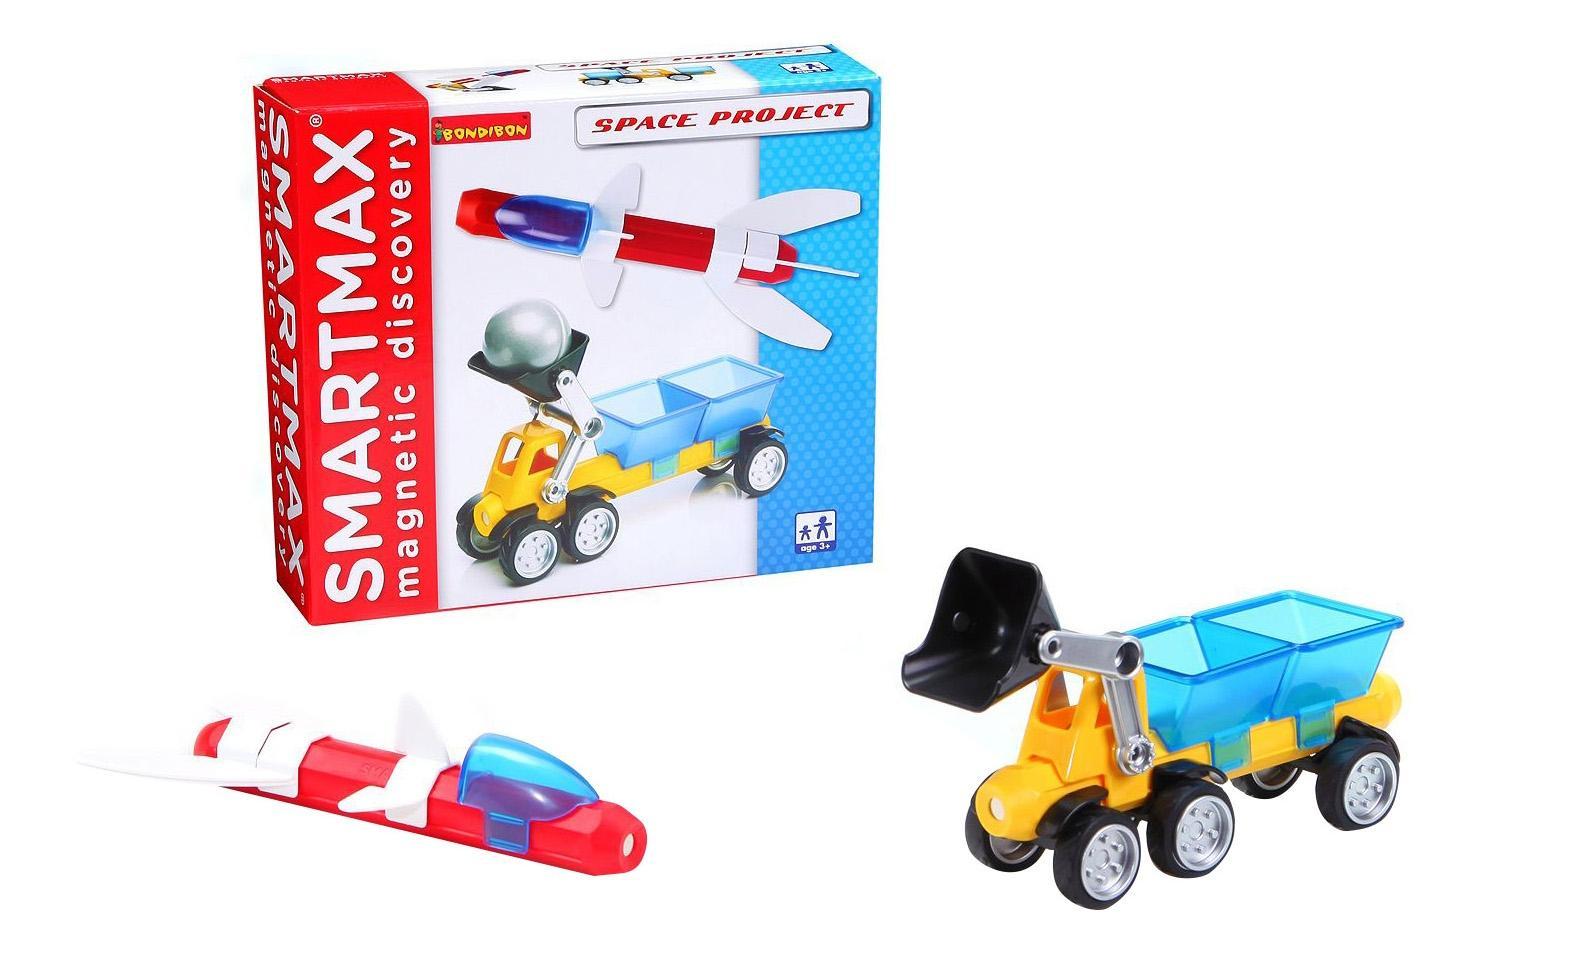 Купить Космический проект, Магнитный конструктор smartmax/ Bondibon набор: косм, Магнитные конструкторы